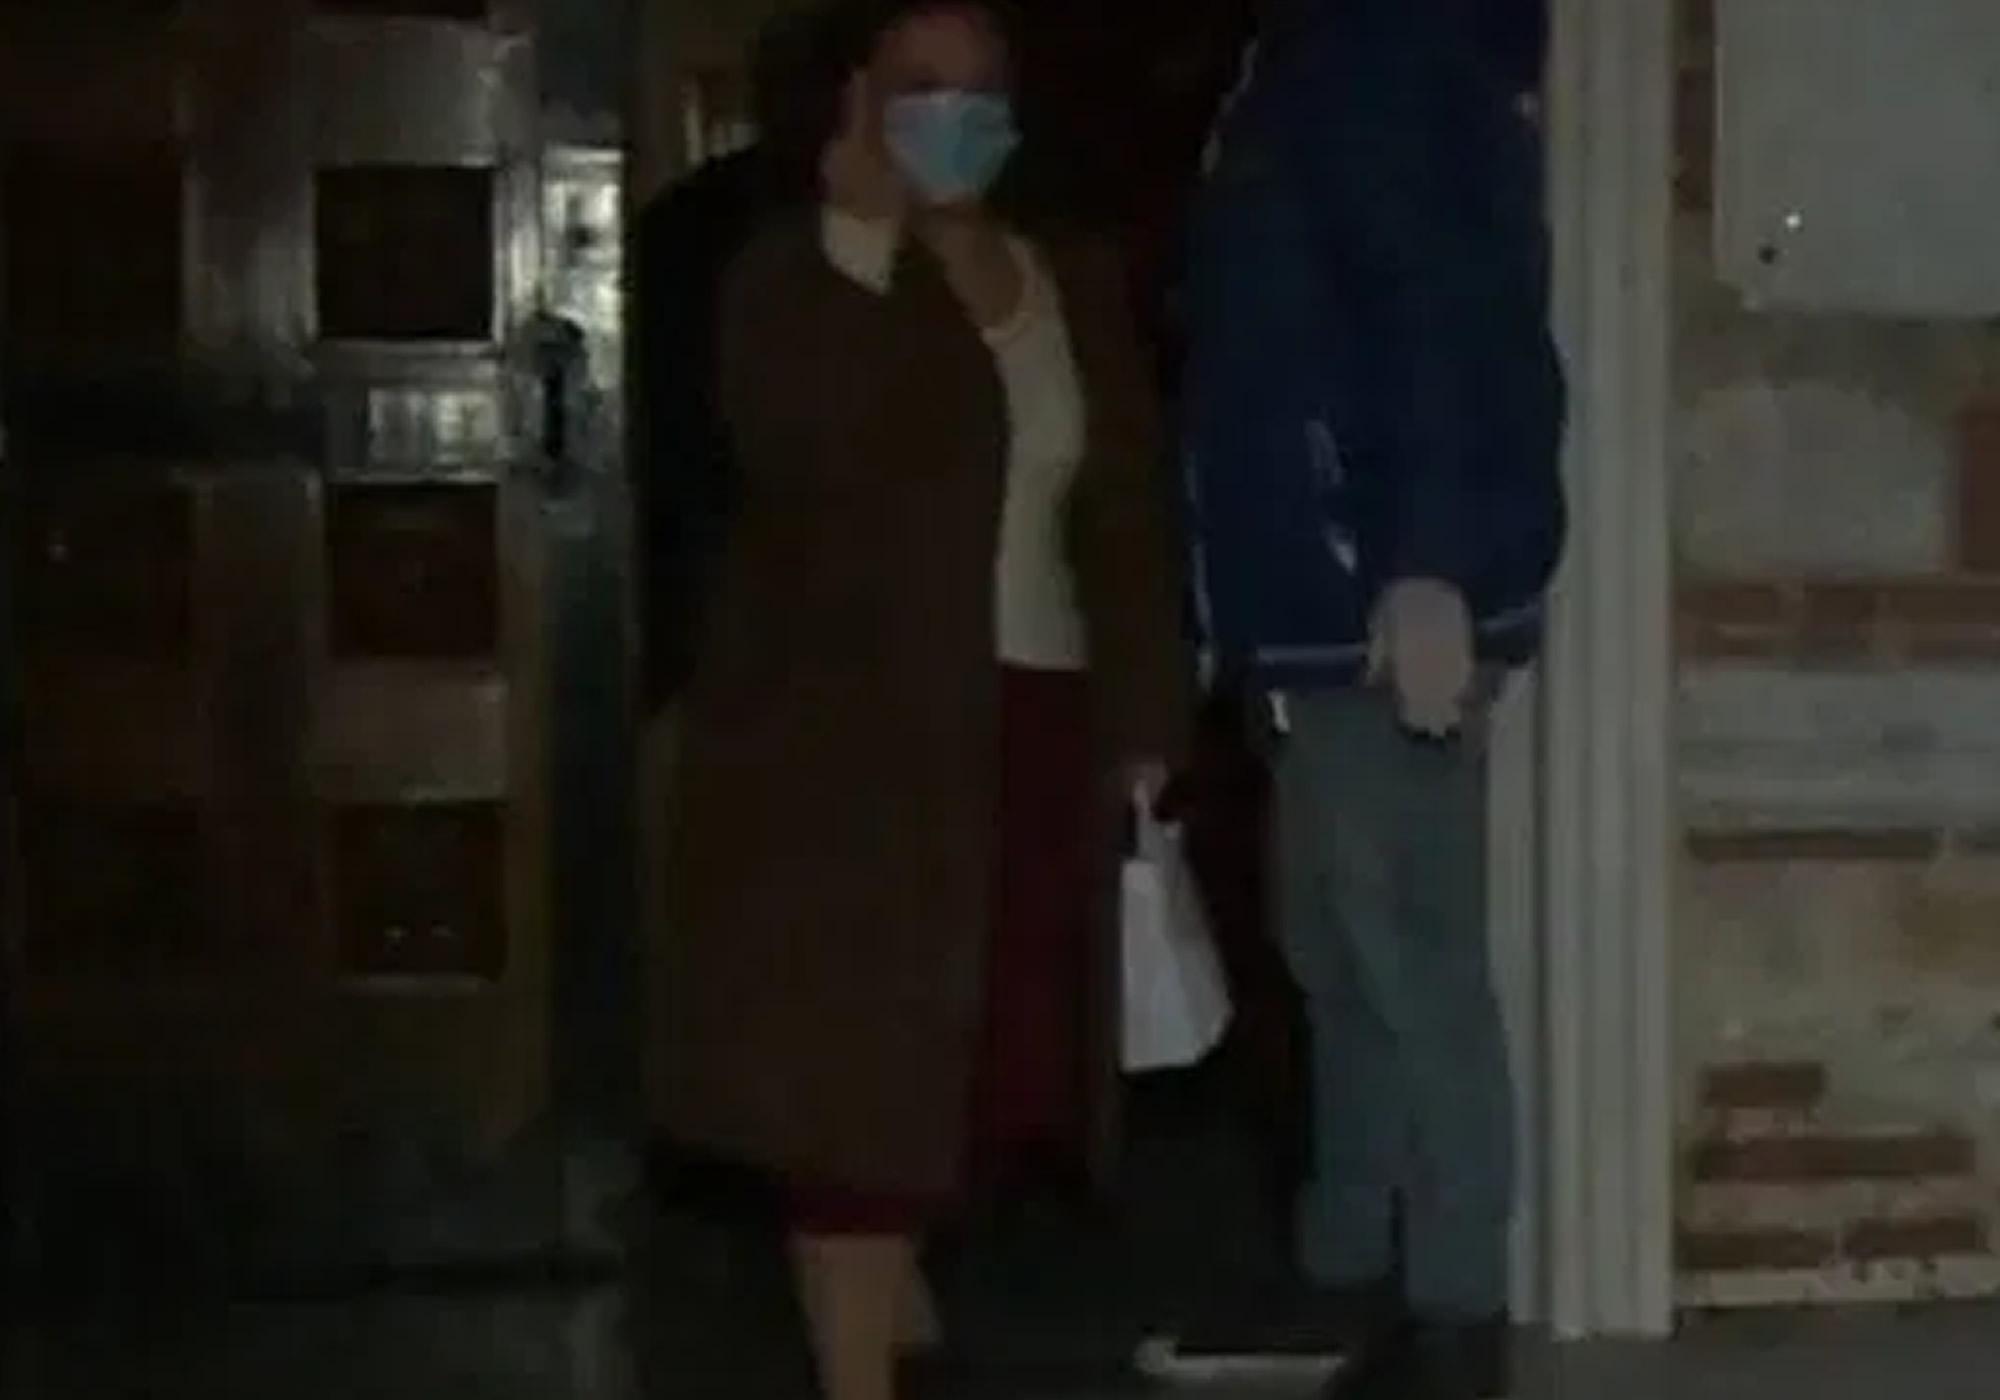 βίντεο με γυναίκα σε εκκλησία στην θεσσαλονικη